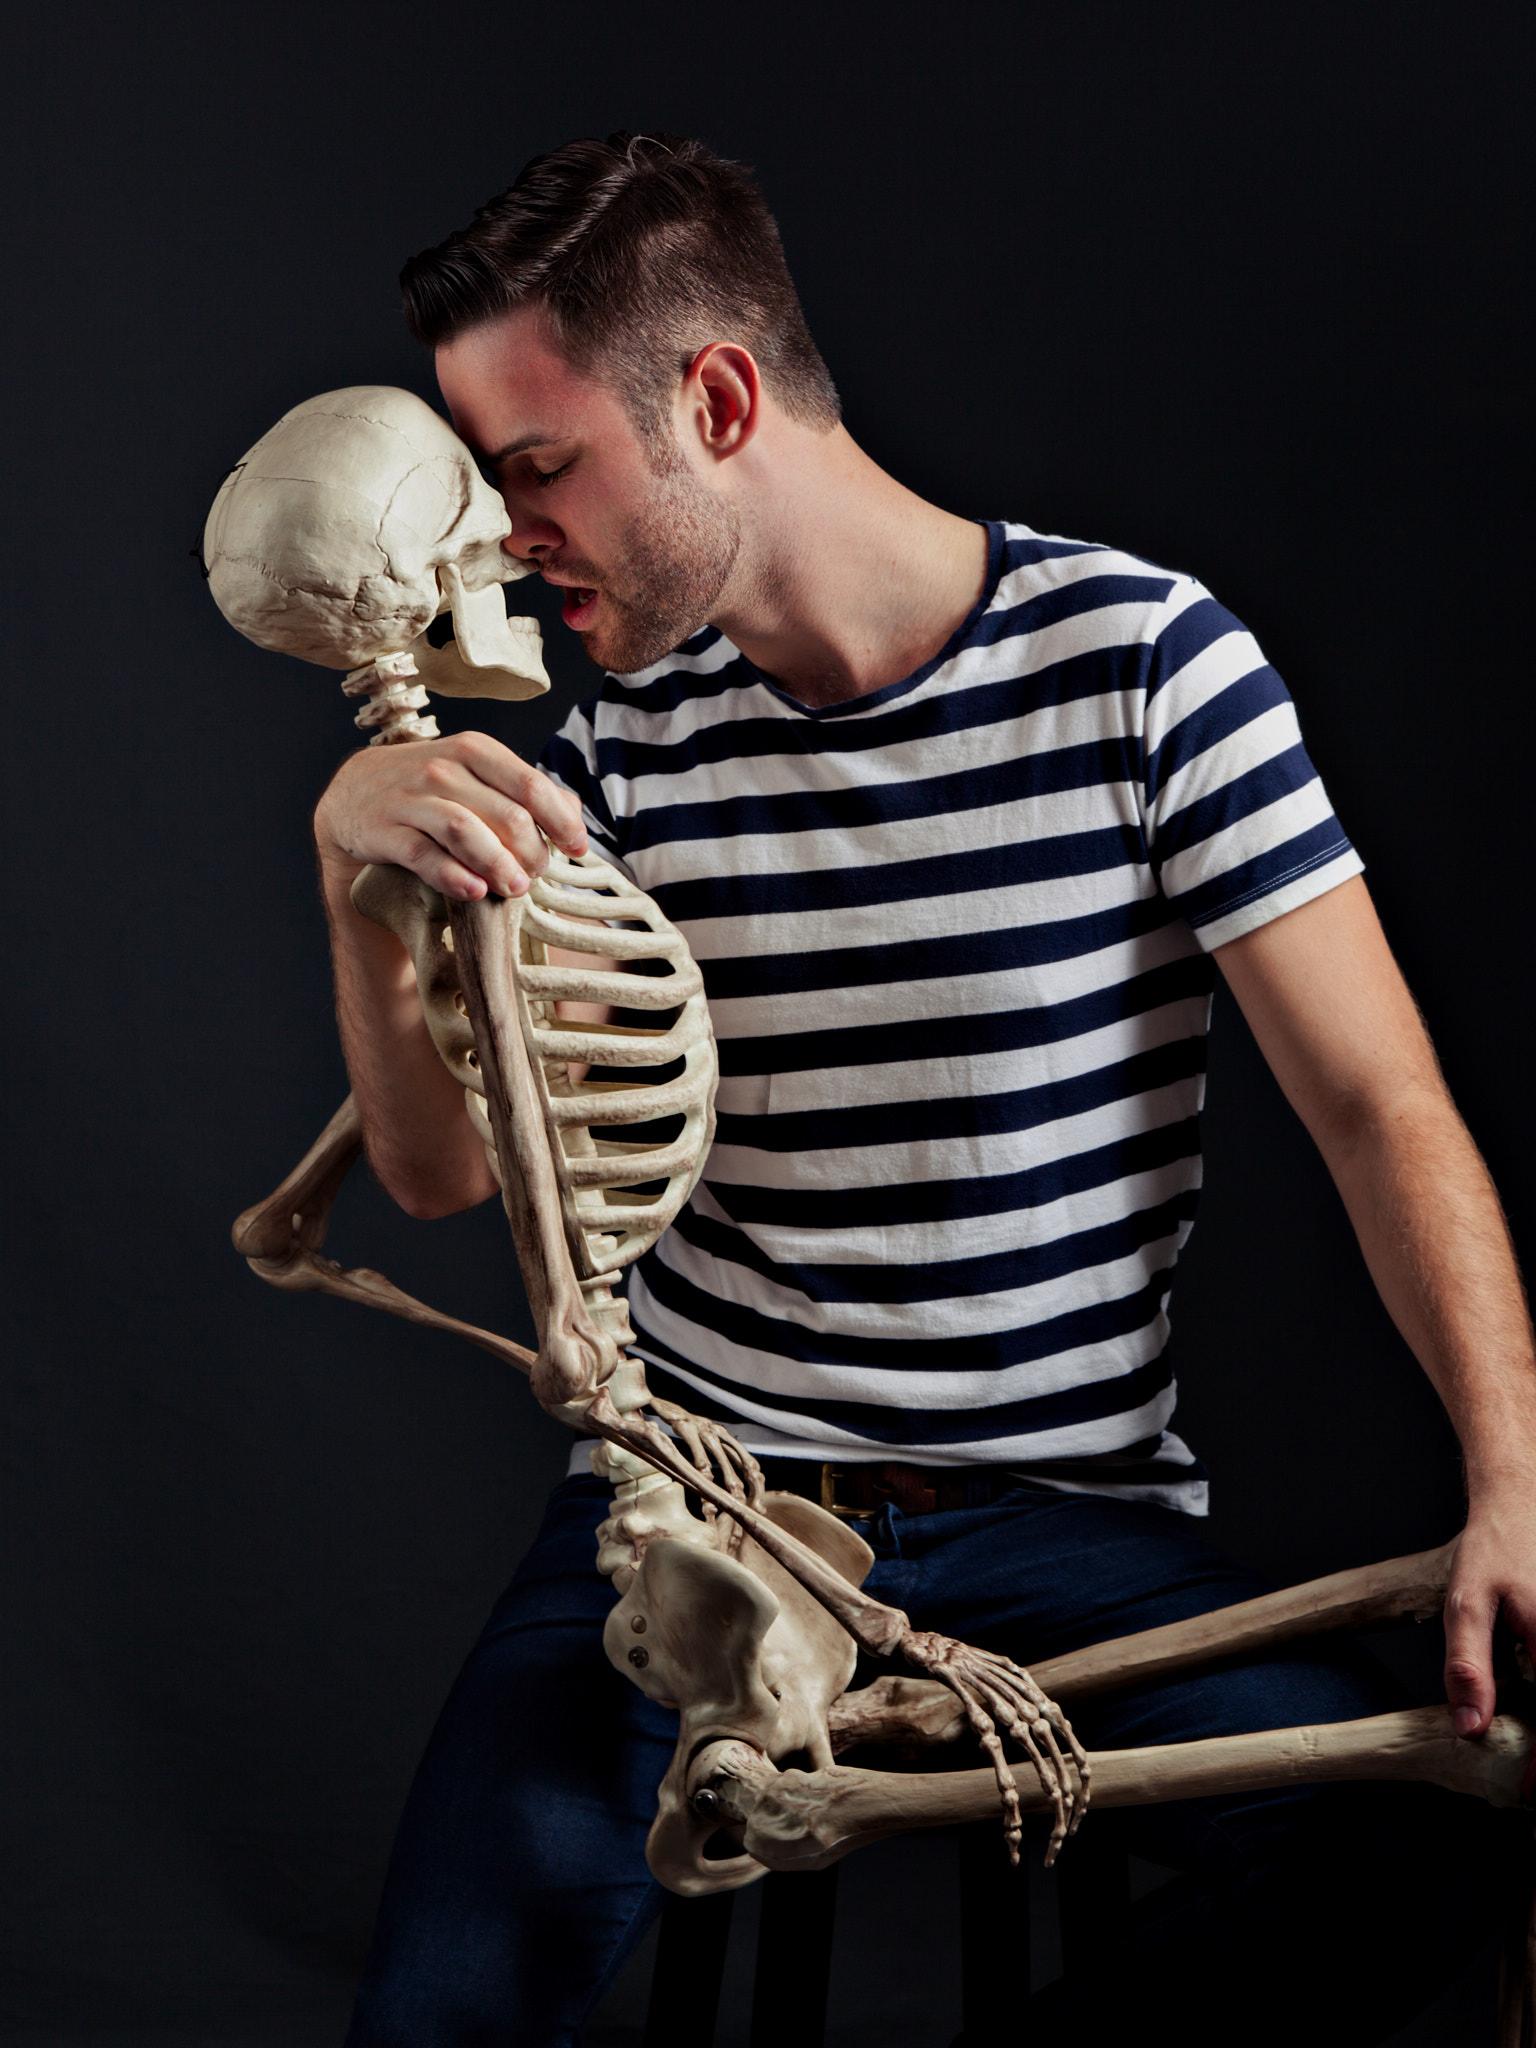 Paul w Skeleton.jpg